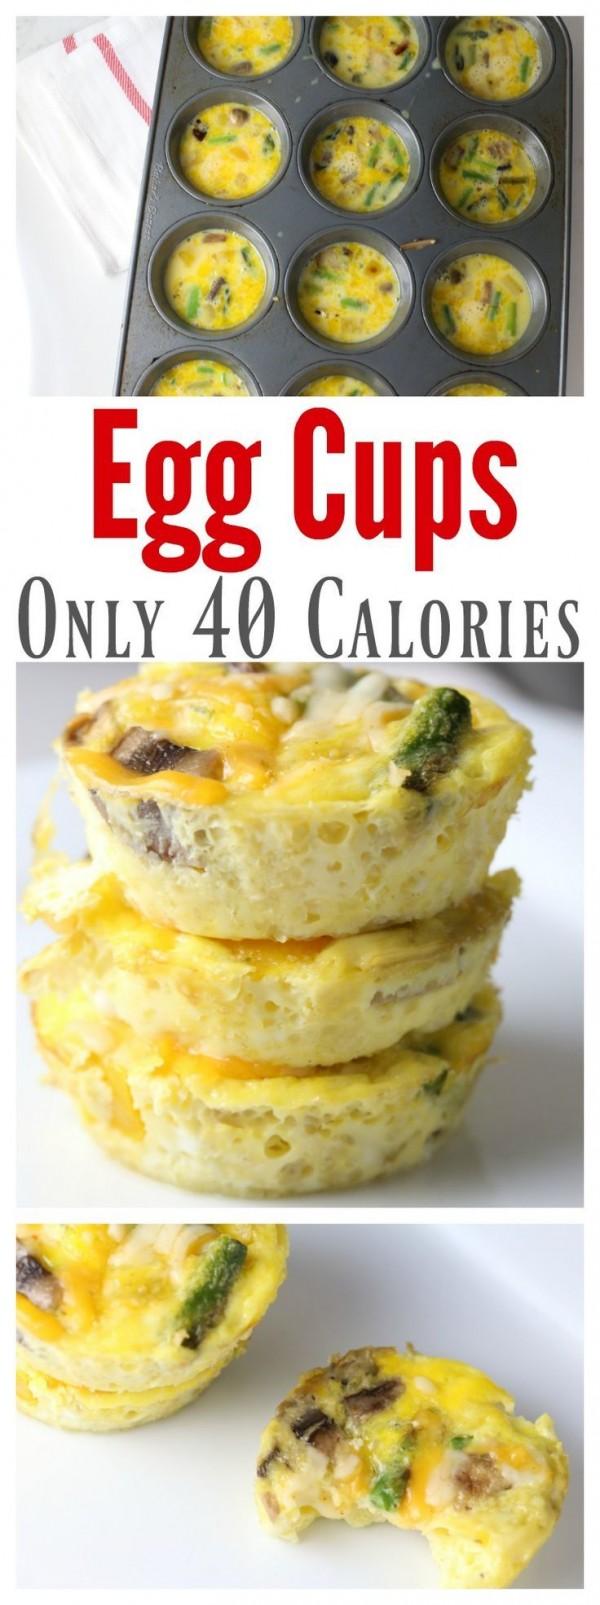 Get the recipe Egg Cups @recipes_to_go